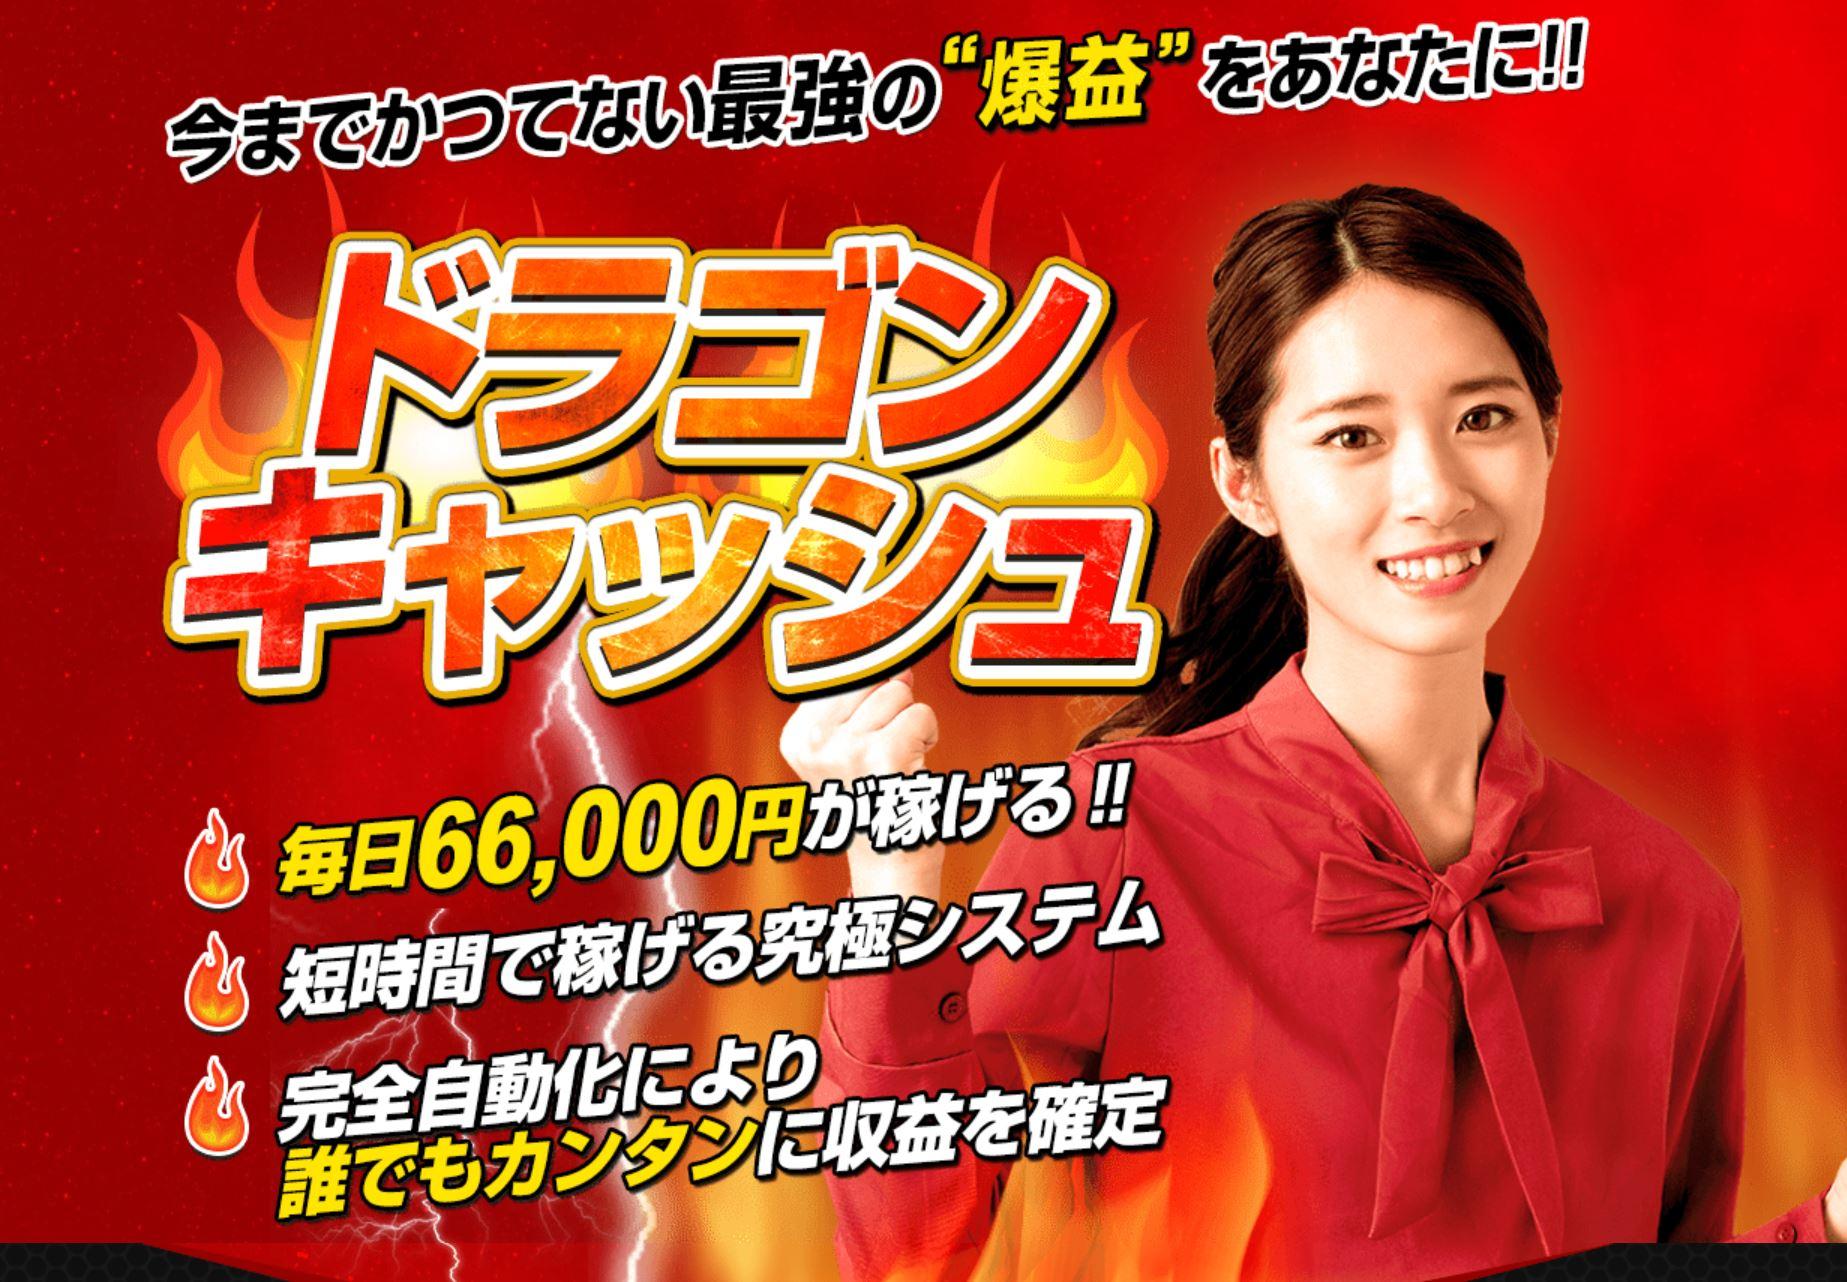 染谷ミワ ドラゴンキャッシュは詐欺?毎日66000円は稼げない?副業調査